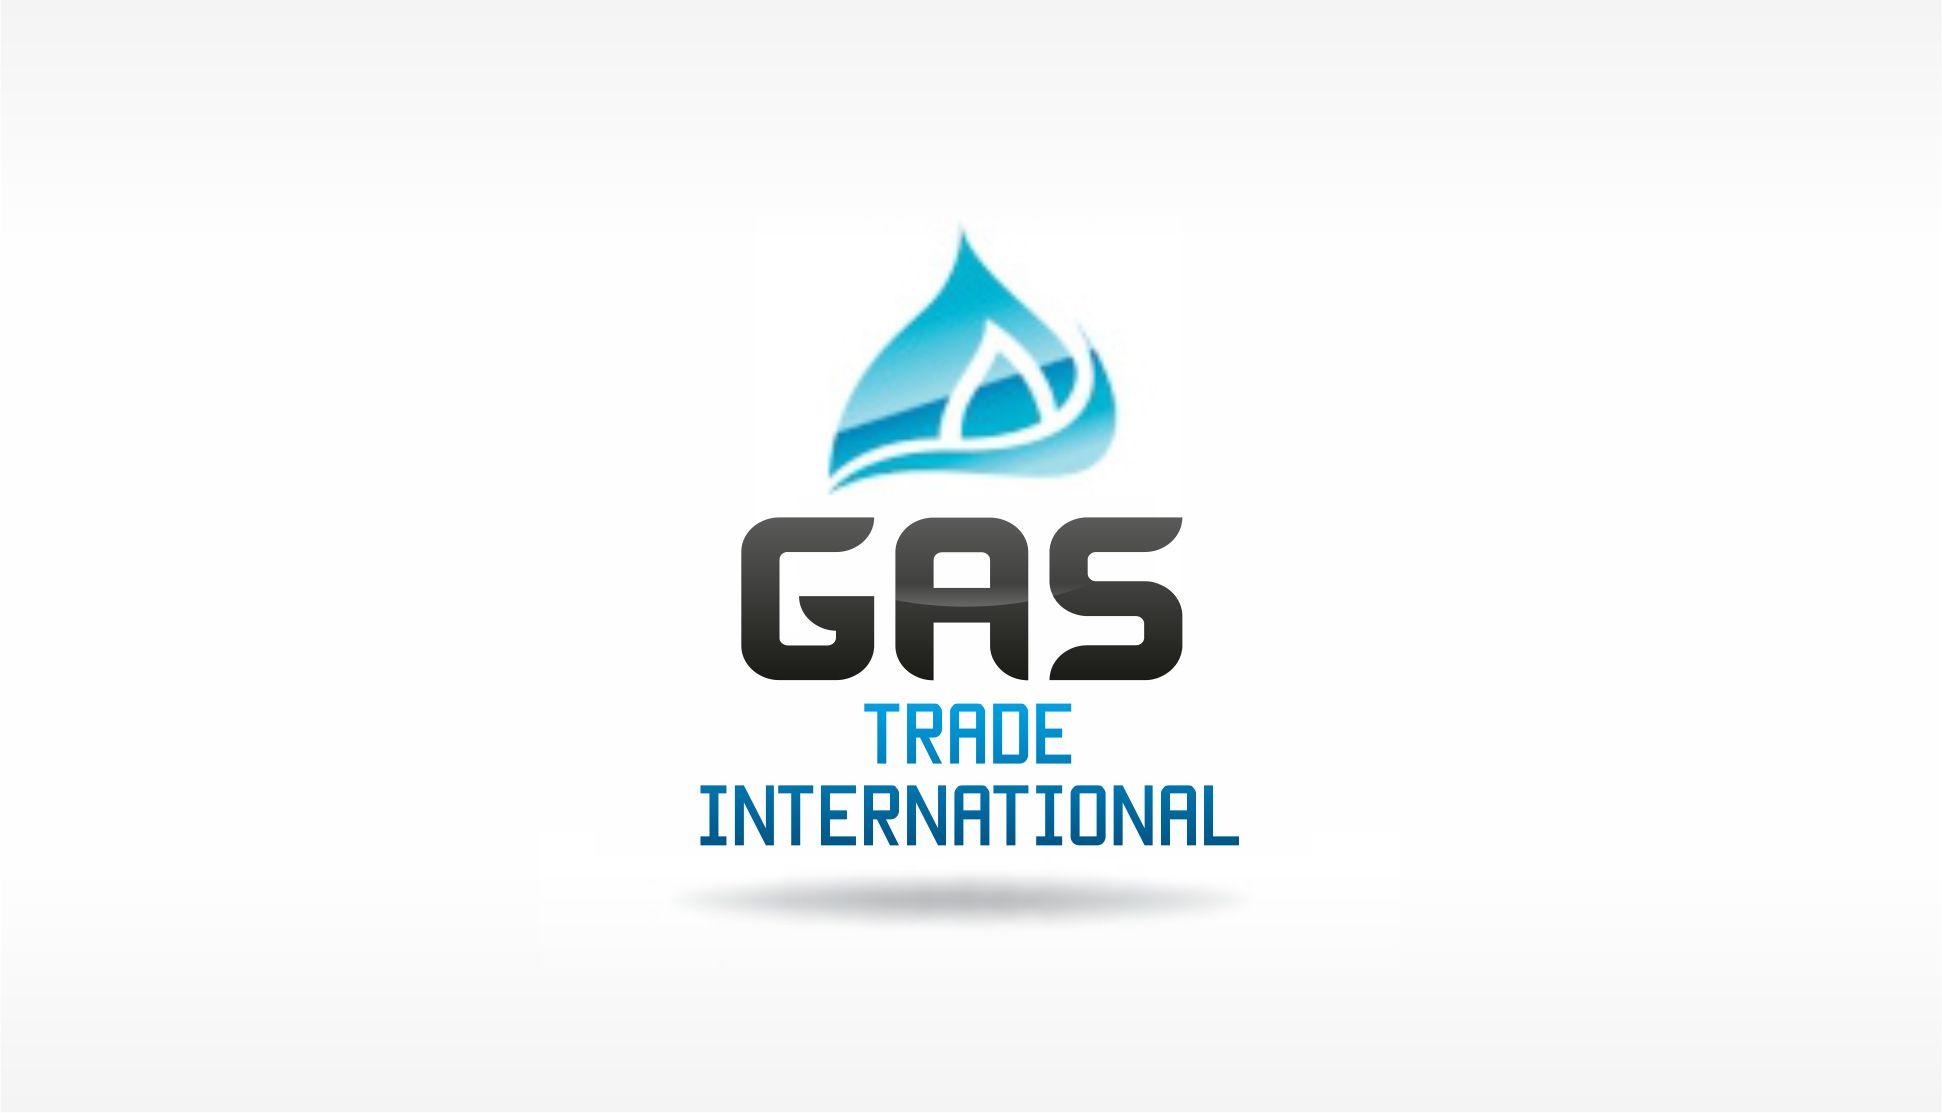 Компания торгующая природным газом - дизайнер IgorTsar